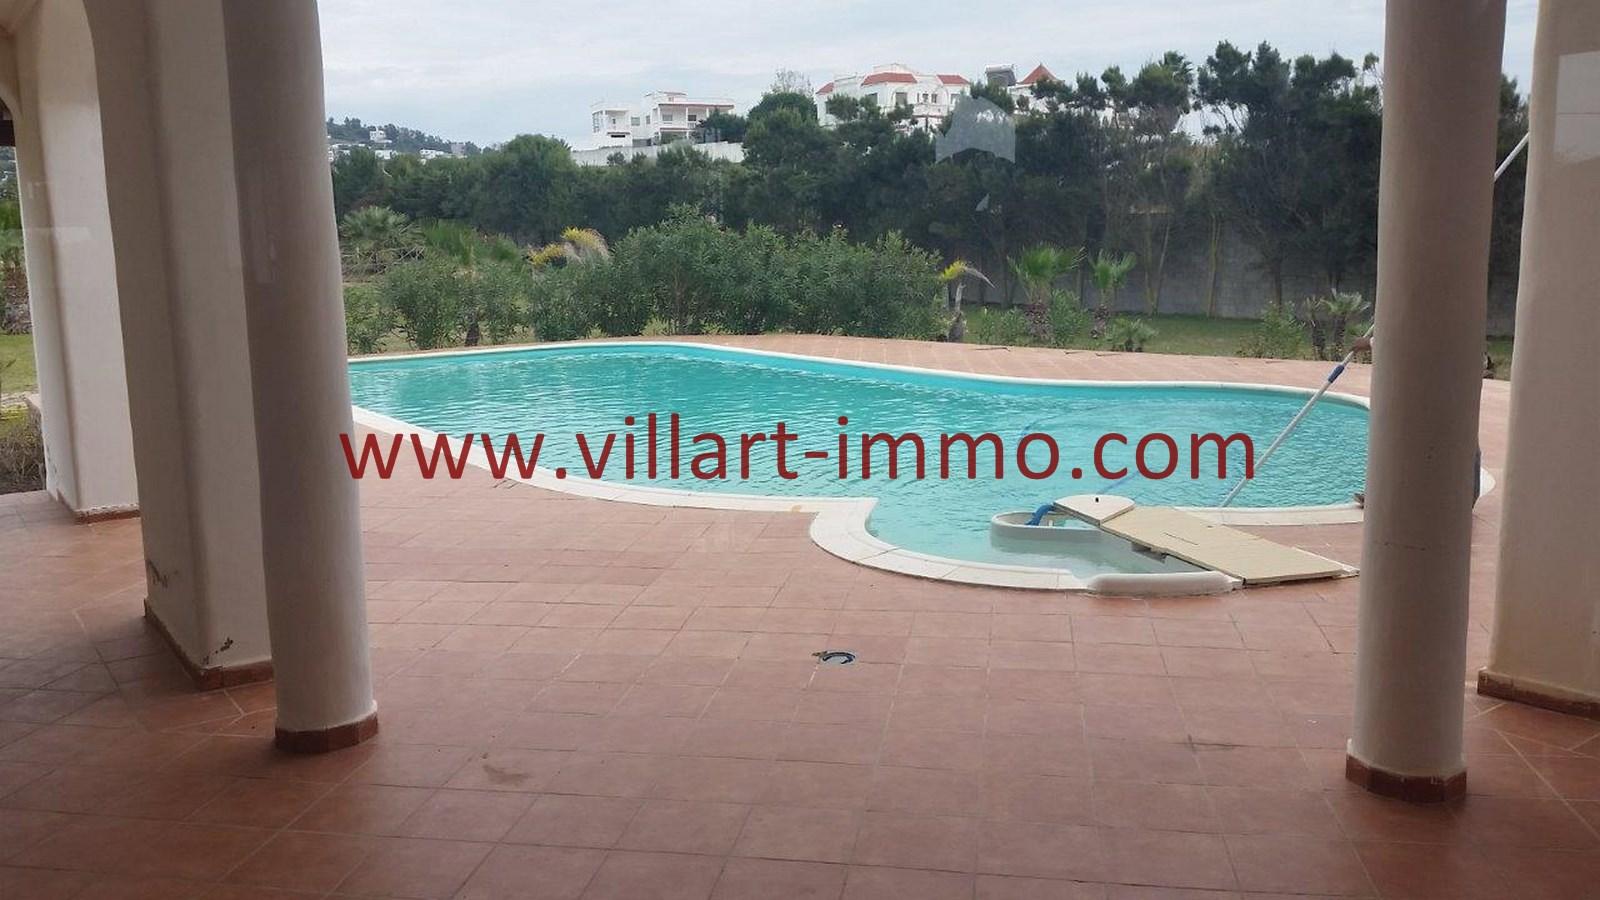 6-a-louer-villa-meublee-tanger-achakar-piscine-lsat914-villart-immo